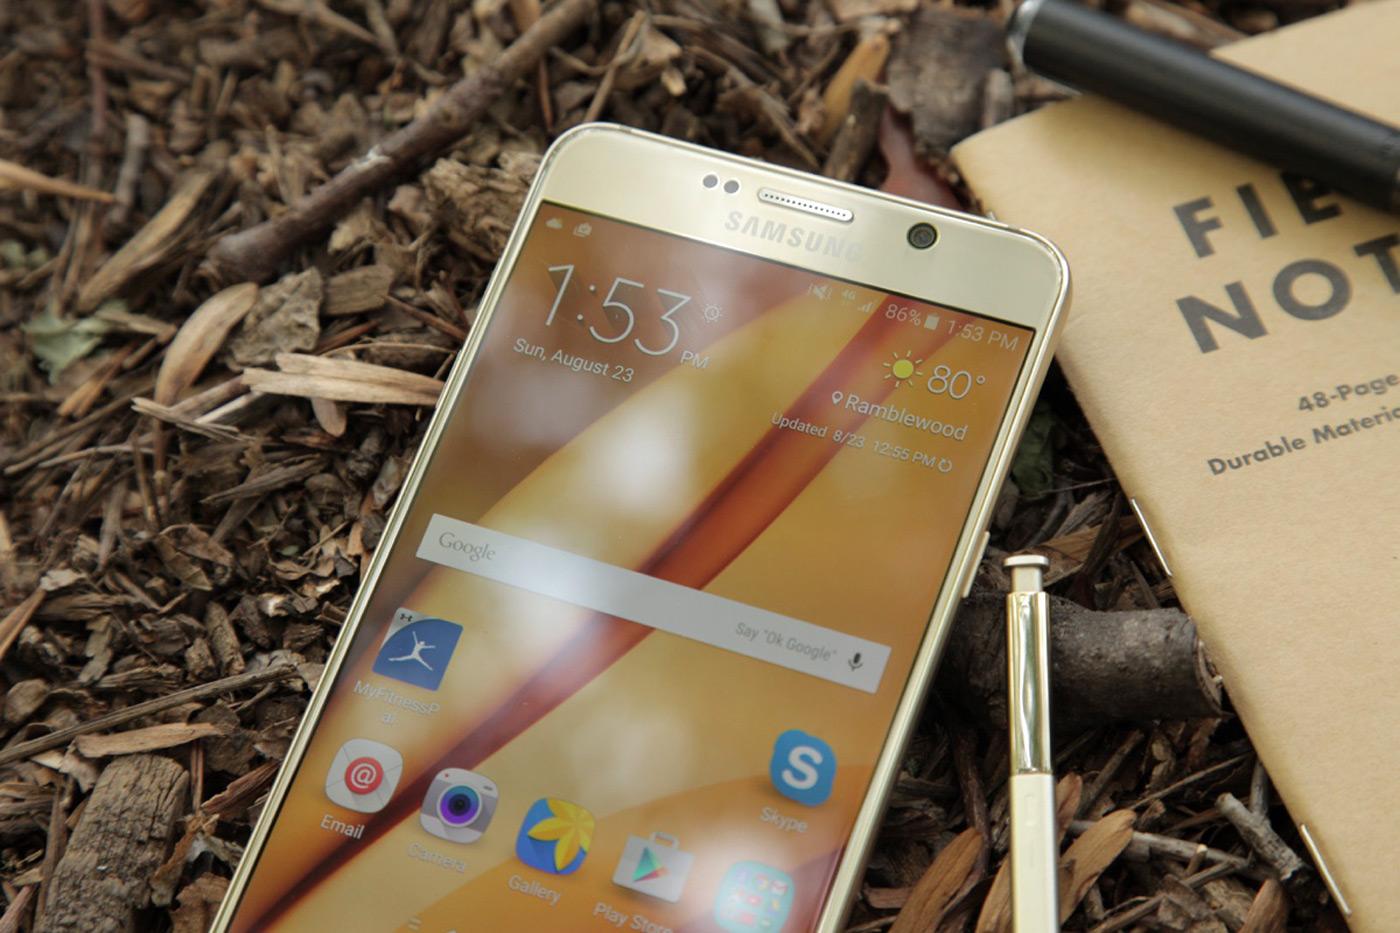 Samsung Galaxy Note 5'lerde S-Pen Sorunu Artık Olmayacak!